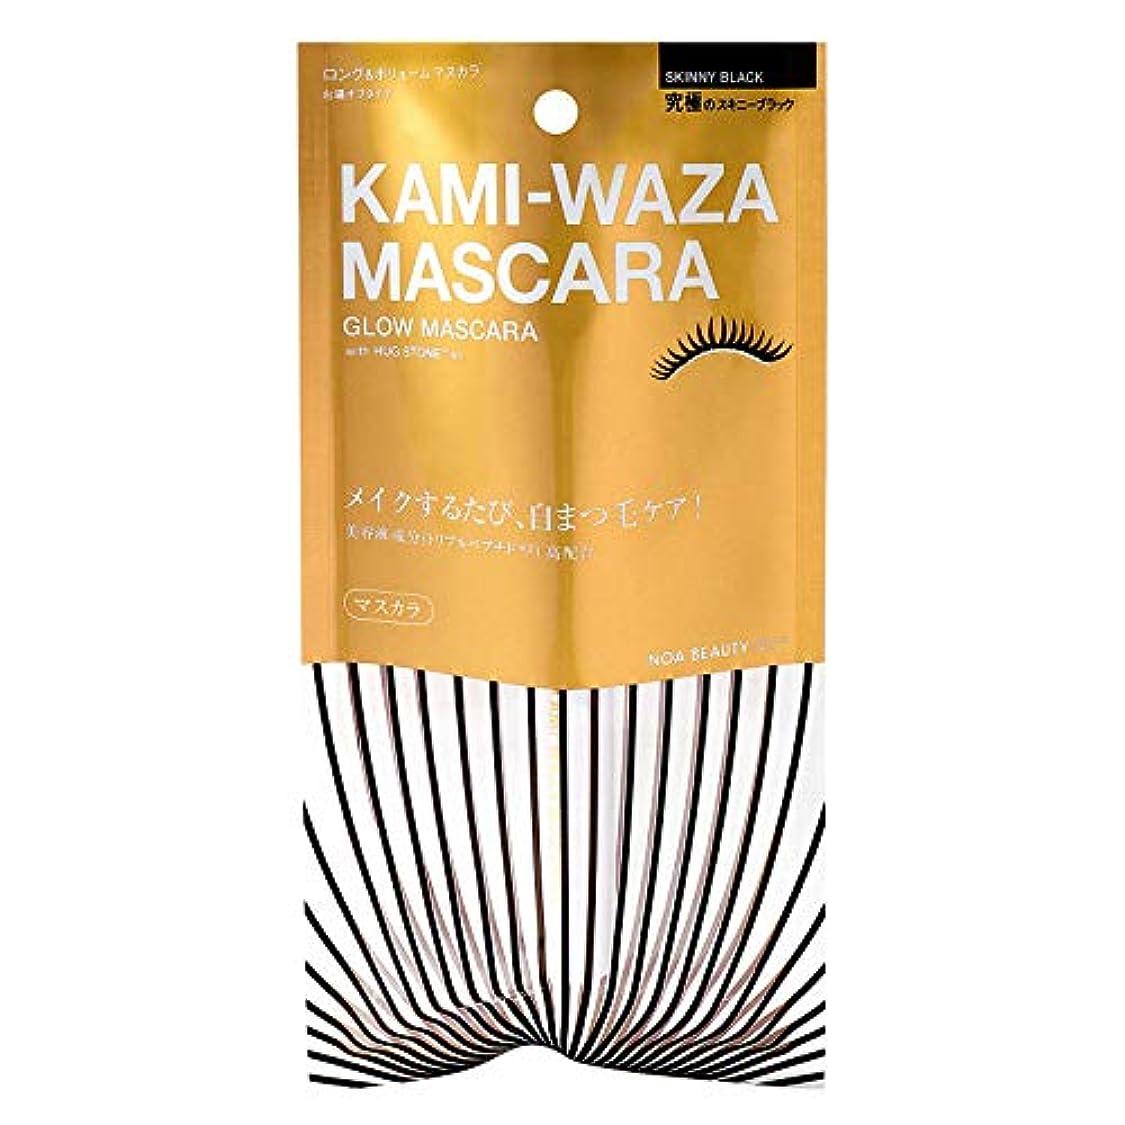 作家順応性円形KAMI-WAZA(カミワザ) MASCARA 〈美容マスカラ〉 KWM01 (8g)